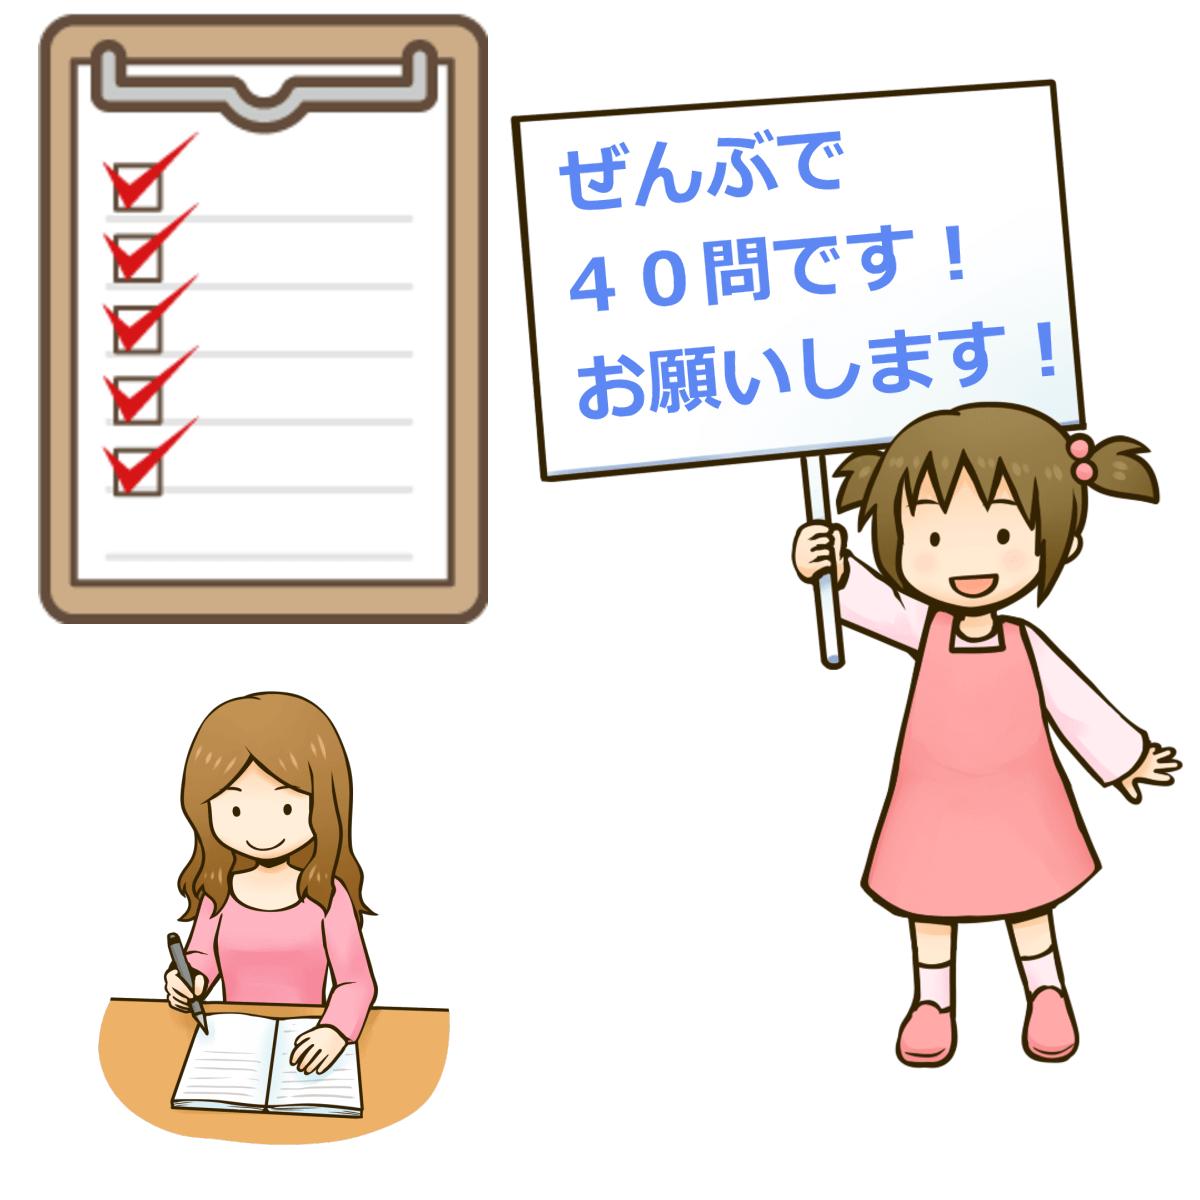 アダルトチルドレン(ac)チェックリストの始まりを表わすイラスト